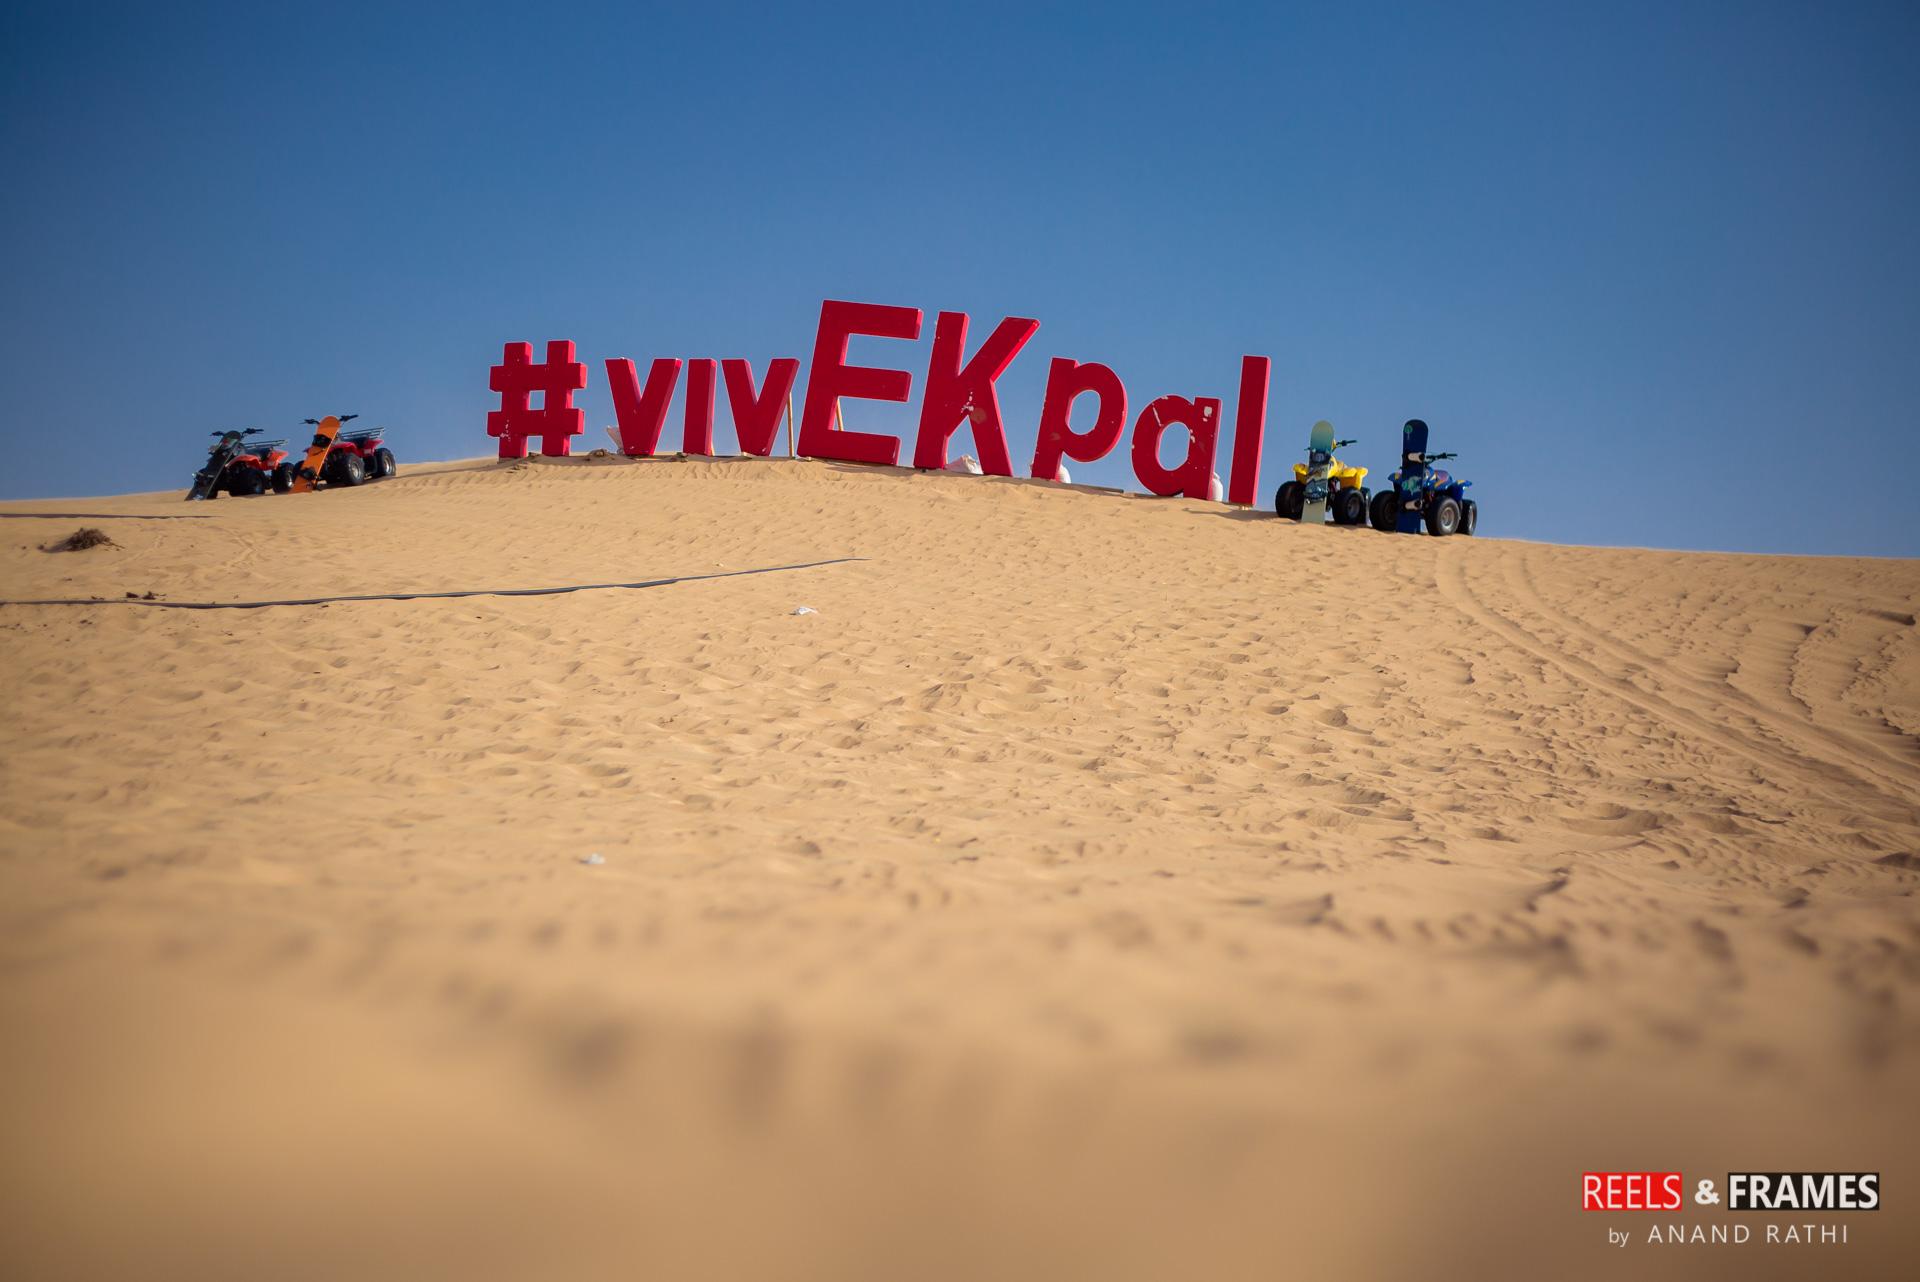 #vivEKpal #reelsandframes #desert #atifaslam #musicalnight #wedtease #weddings